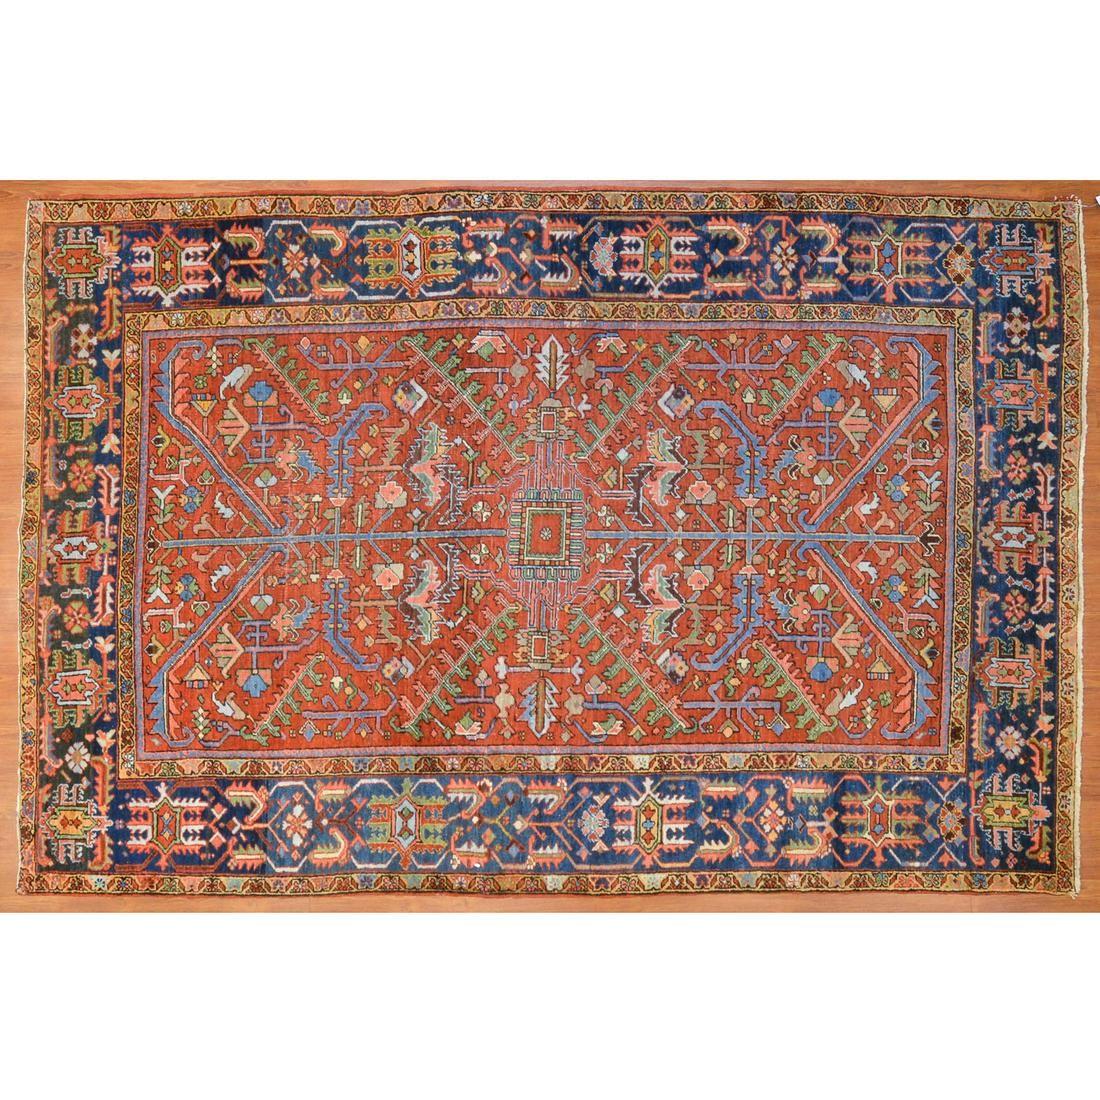 Semi-Antique Heriz Rug, Persia, 6.5 x 10